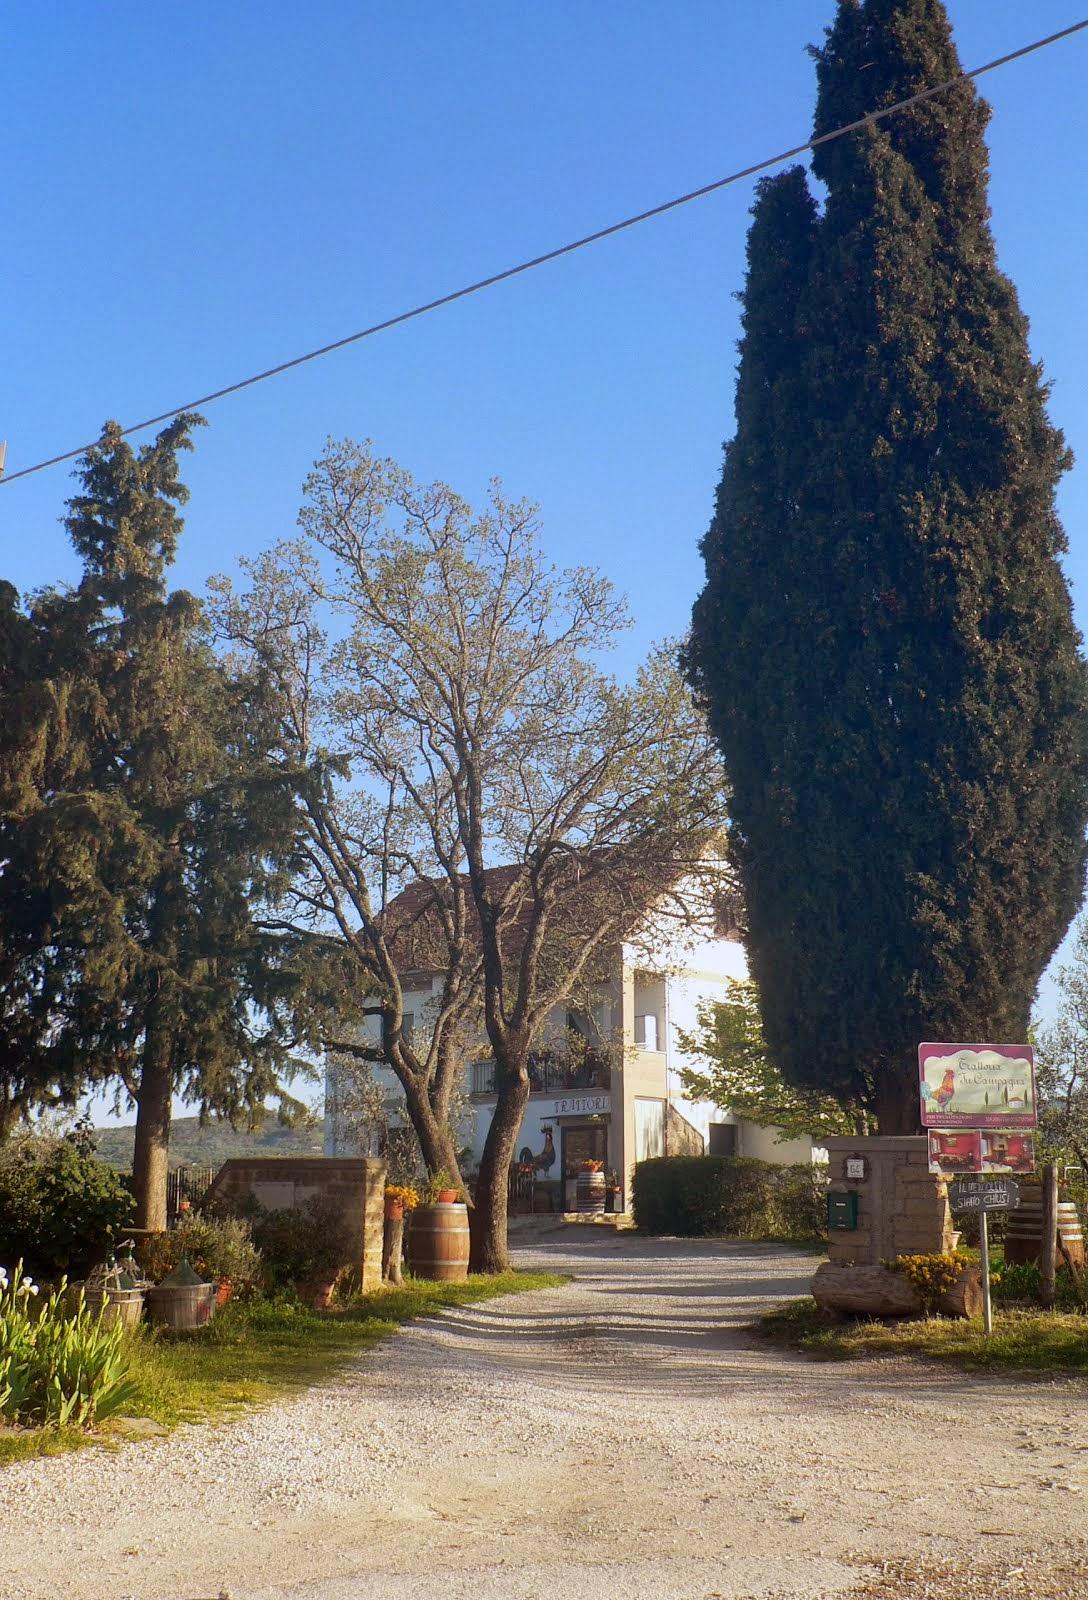 Nell'attesa della primavera, pensando alle #vacanzeincampagna #Toscana